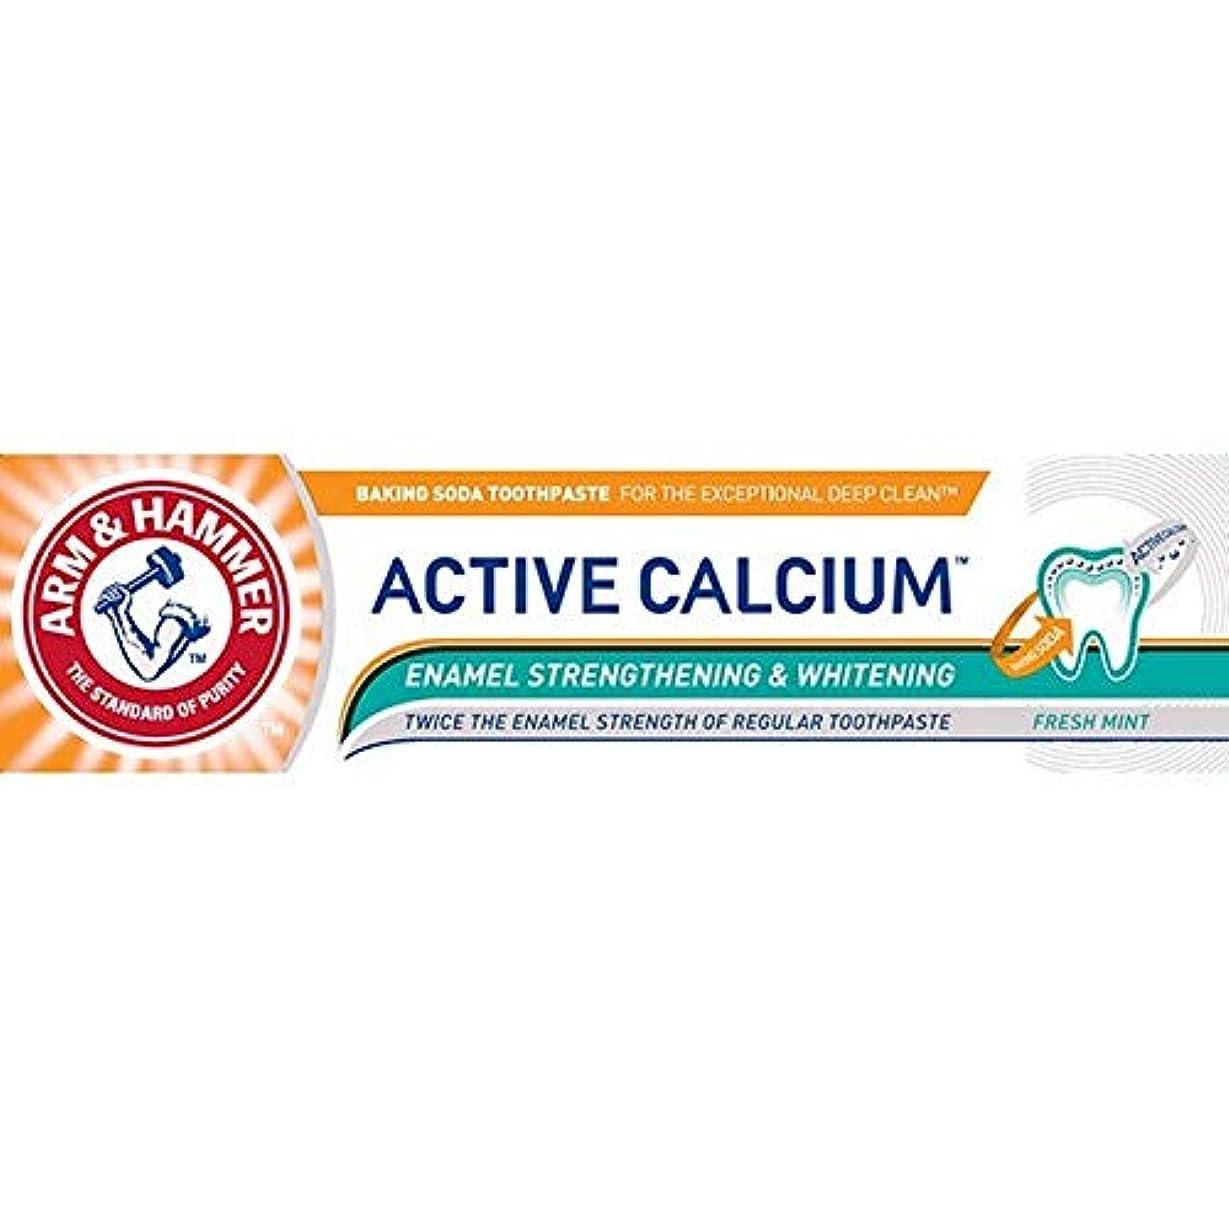 マーカーくさび二十[Arm & Hammer ] アーム&ハンマーアクティブカルシウムの75ミリリットル - Arm & Hammer Active Calcium 75ml [並行輸入品]